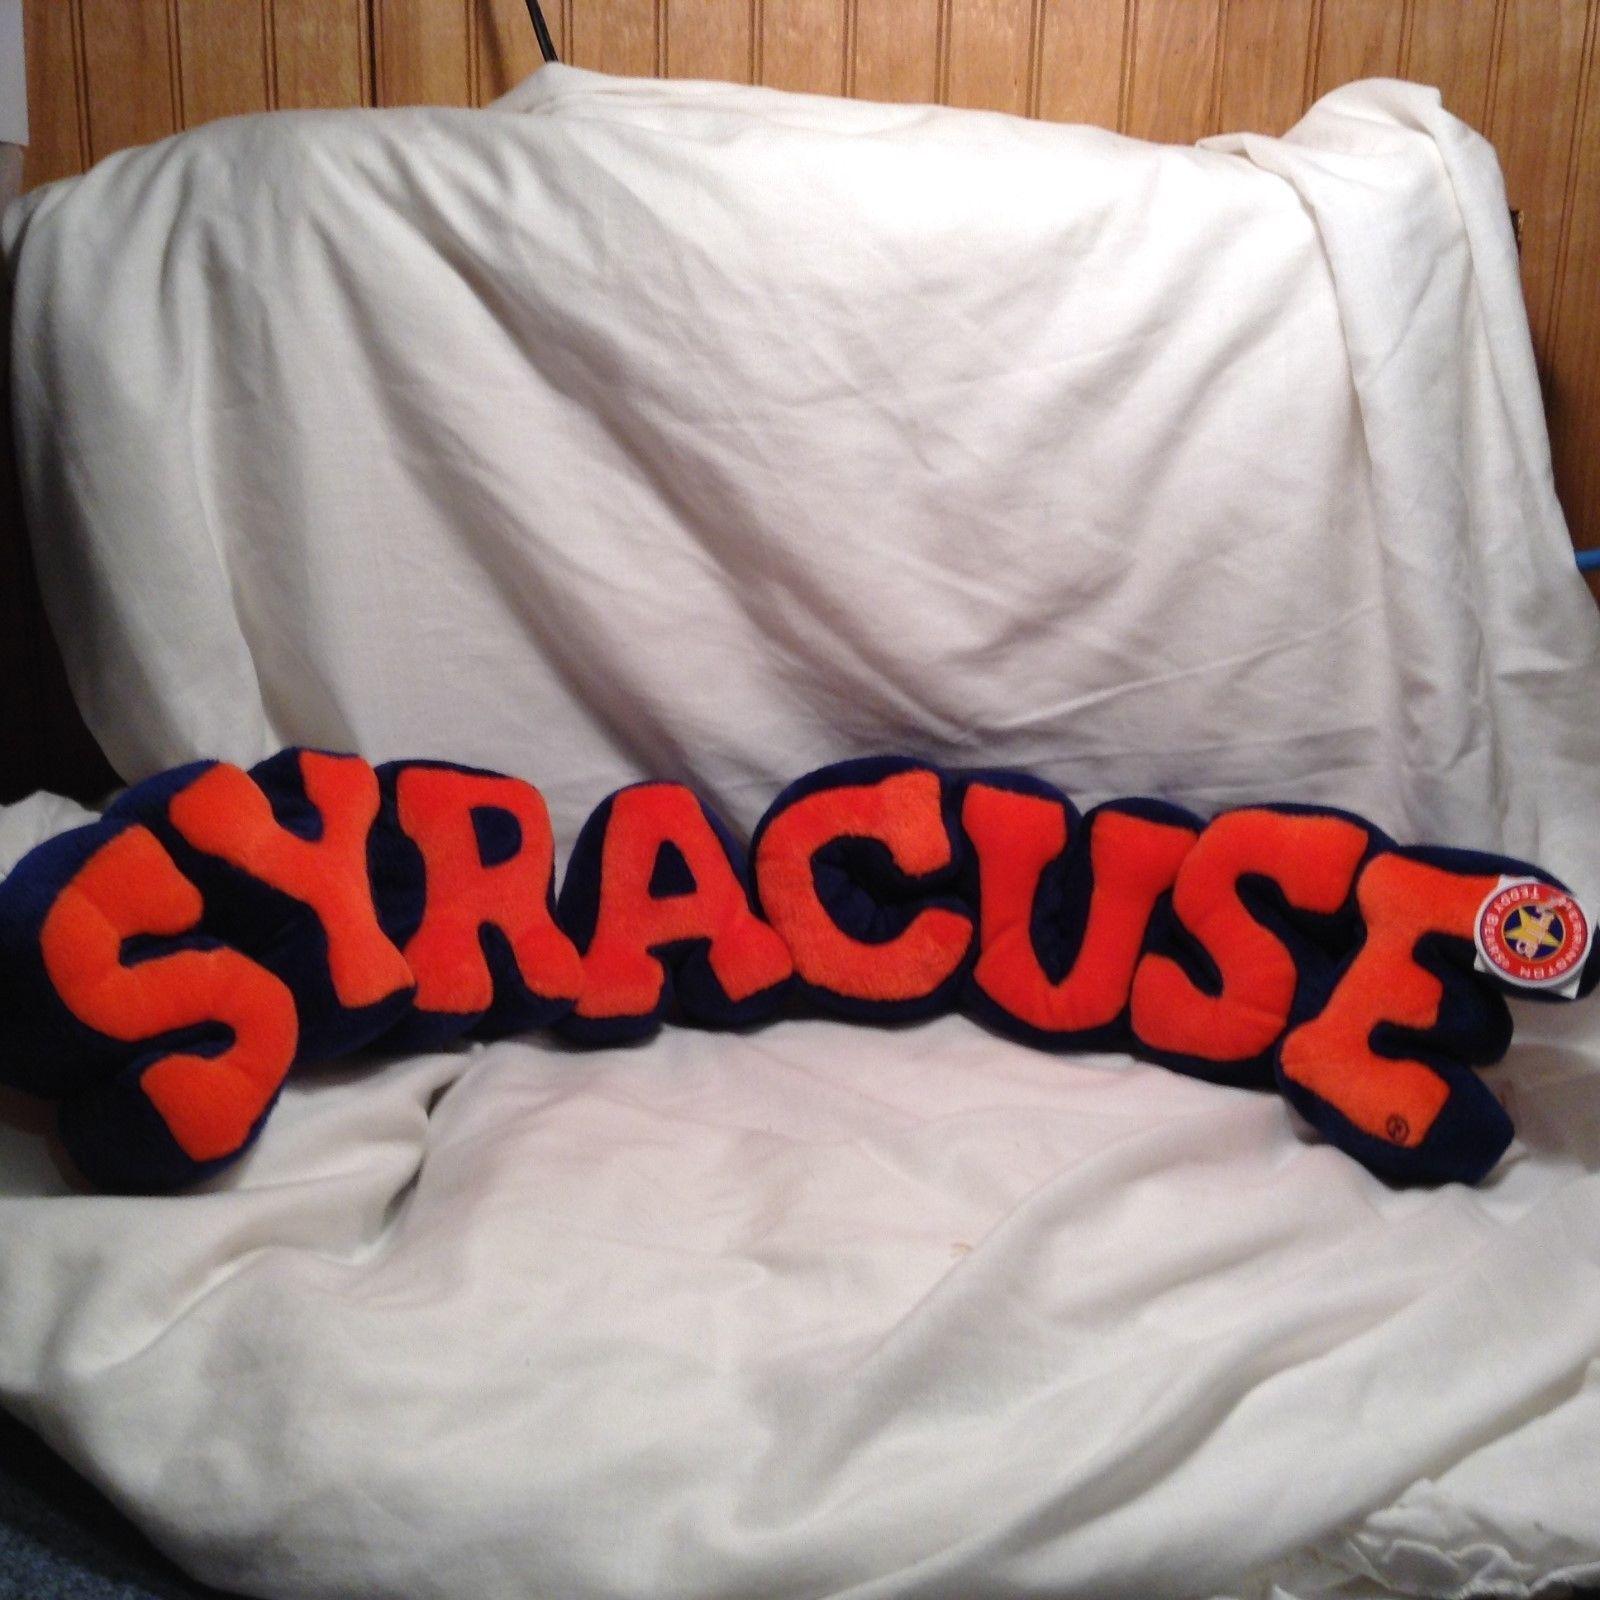 NEW Herrington Teddy Bears 'Syracuse' Stuffed Sign